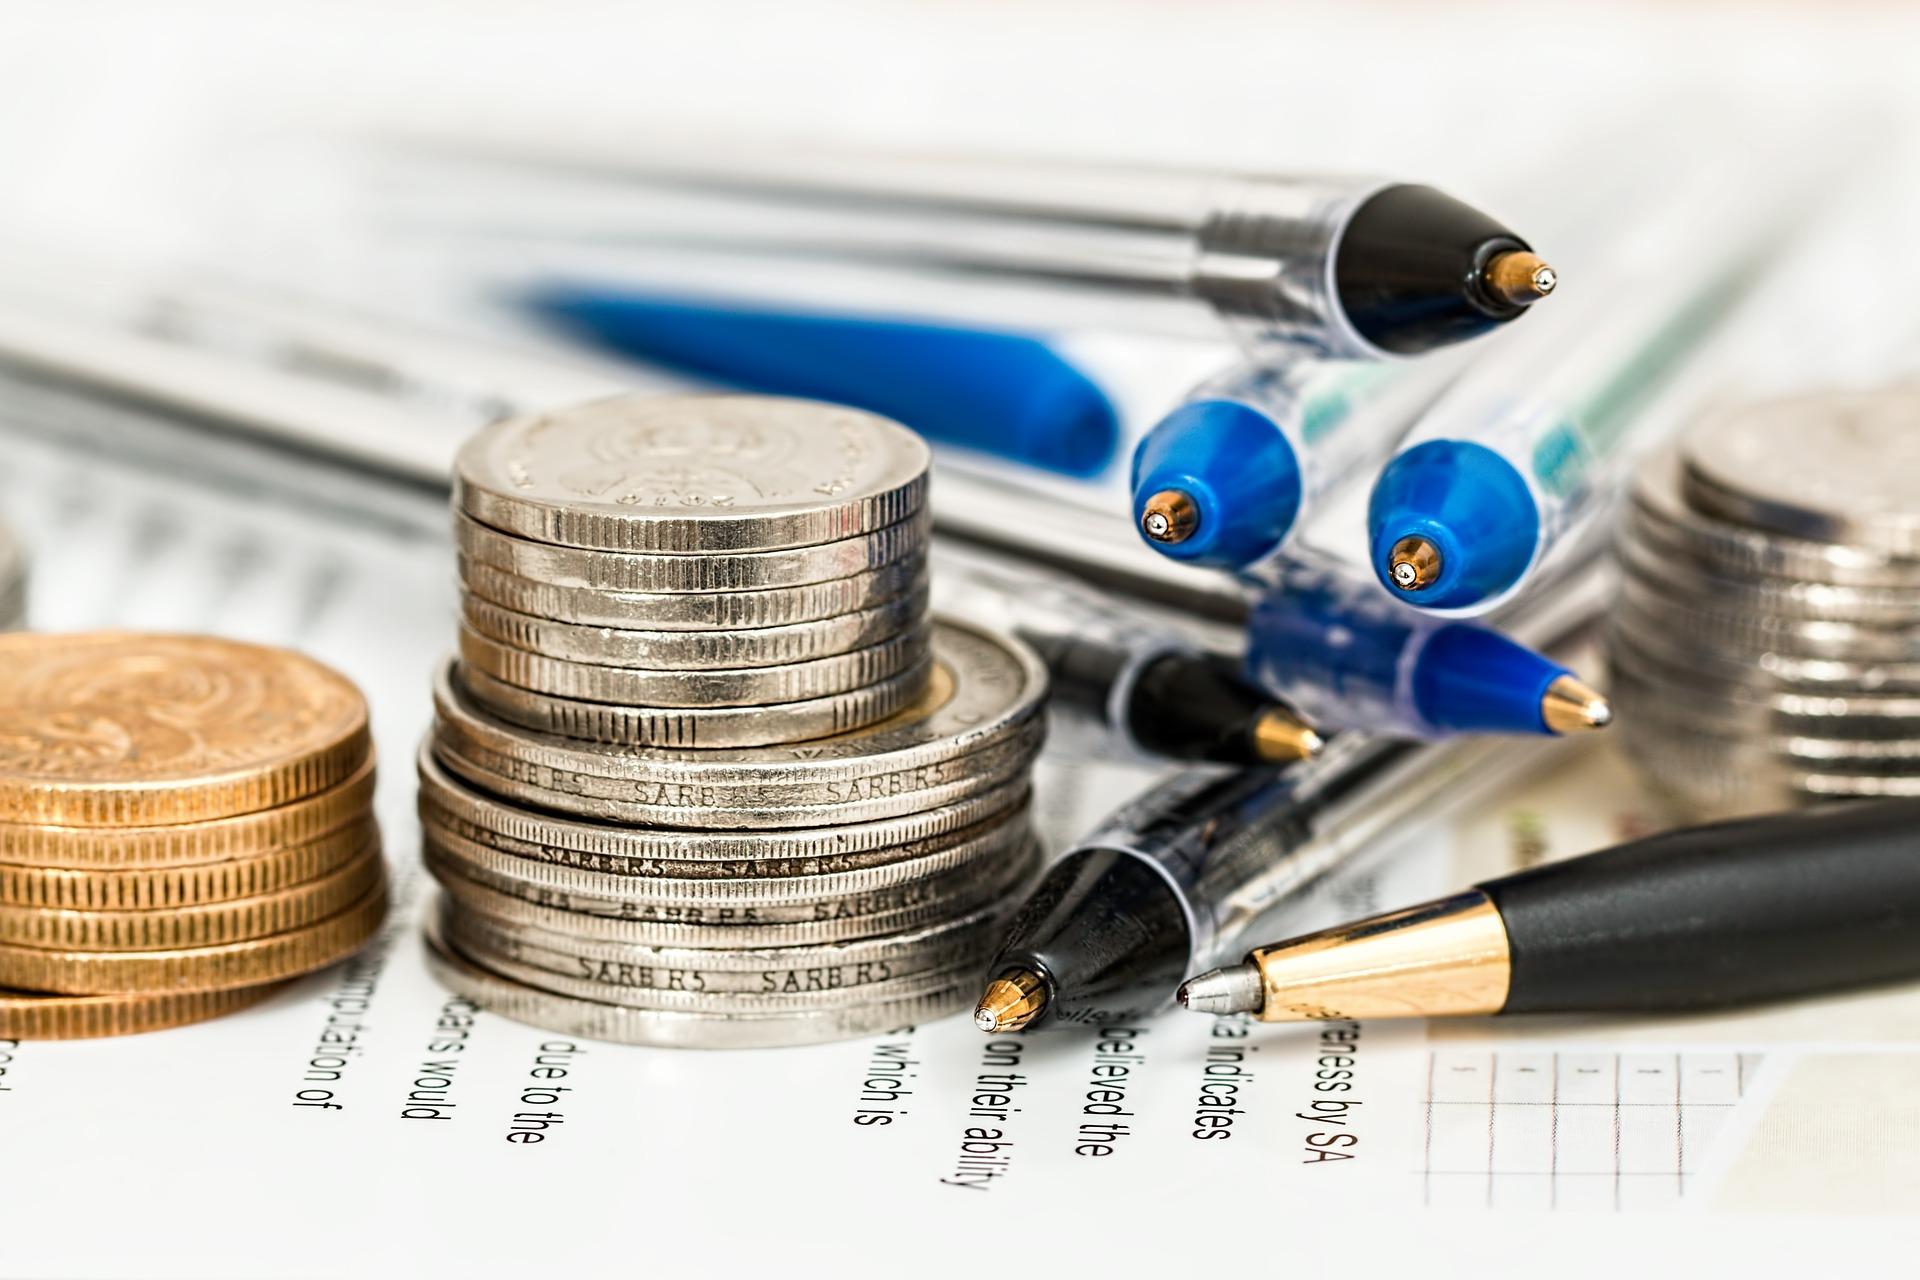 salario mínimo, dinero, sueldo, contabilidad, esferos, hojas de cálculo, monedas